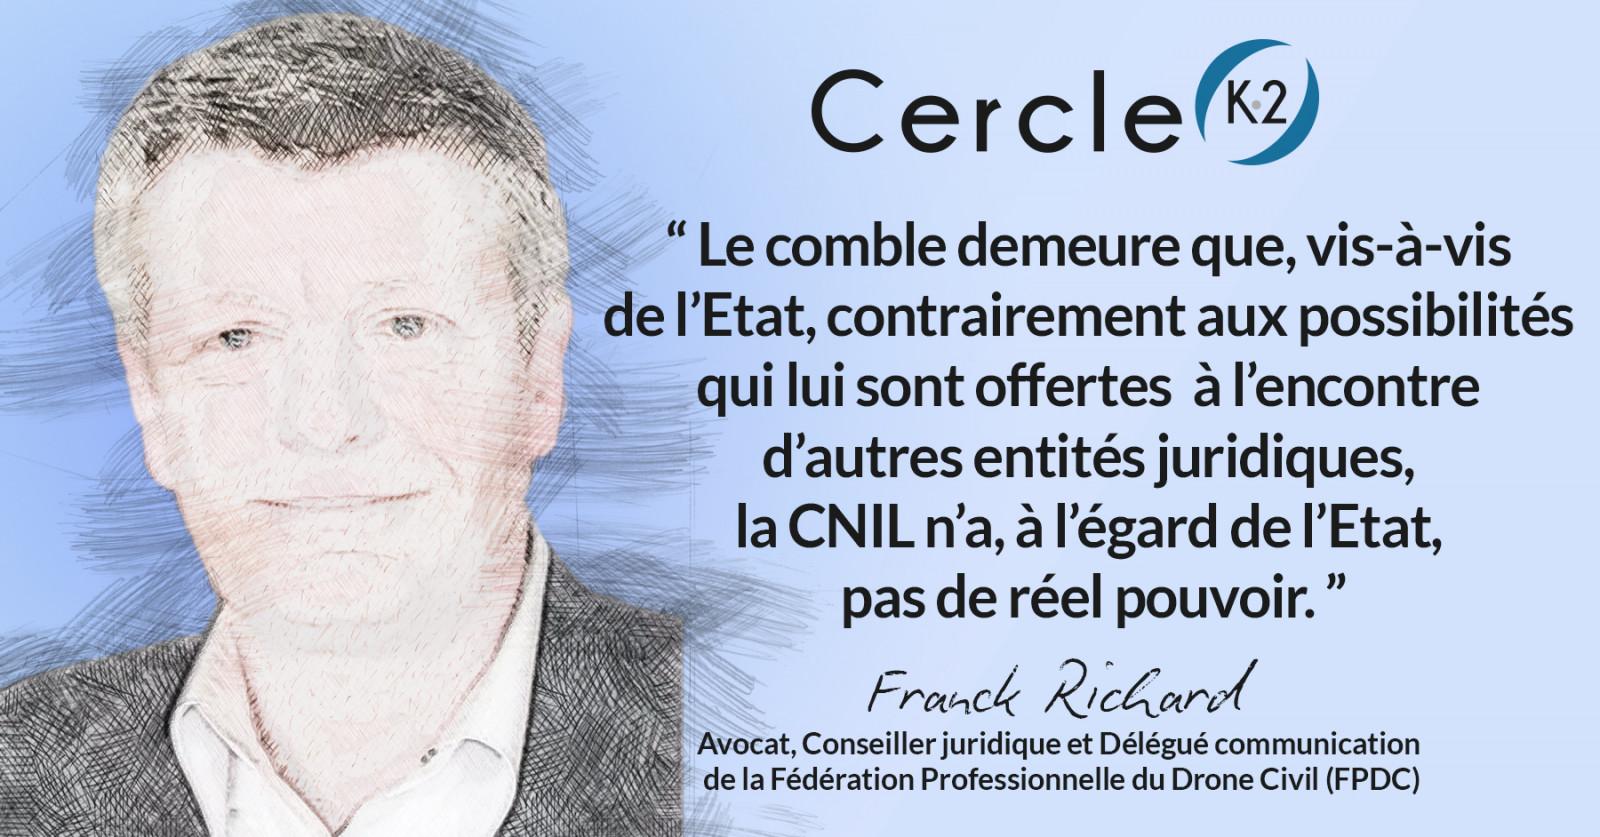 Que faut-il penser de l'interdiction faite, le 14/01/2021, par la CNIL, au Ministère de l'Intérieur, d'utiliser des drones capteurs d'images ? - Cercle K2